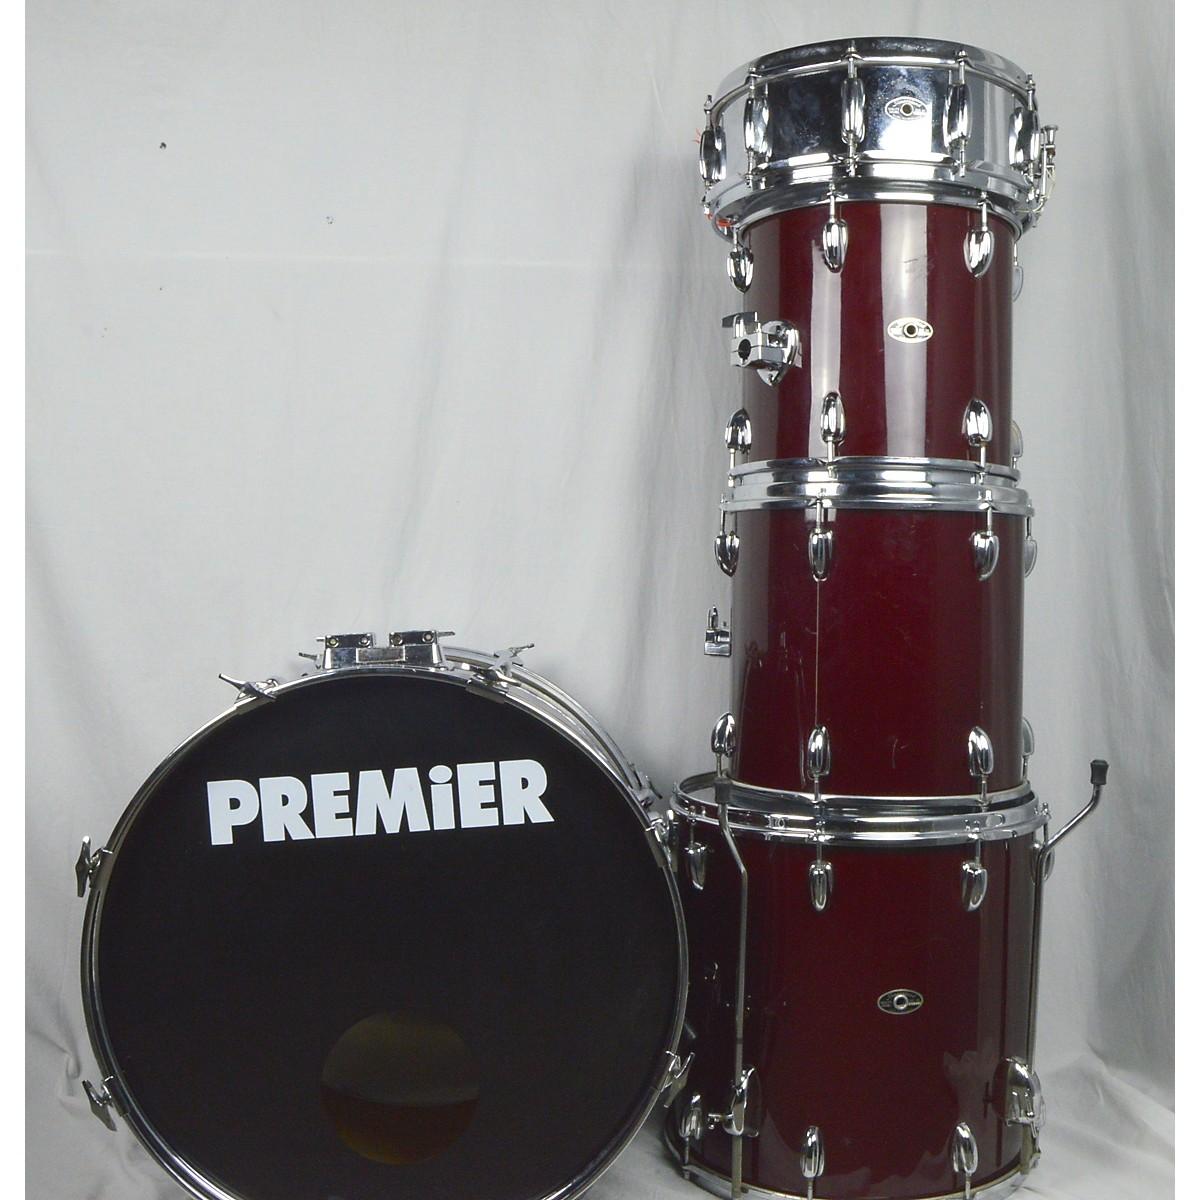 Slingerland 1980s Power Tom 4 Piece Shell Pack Drum Kit